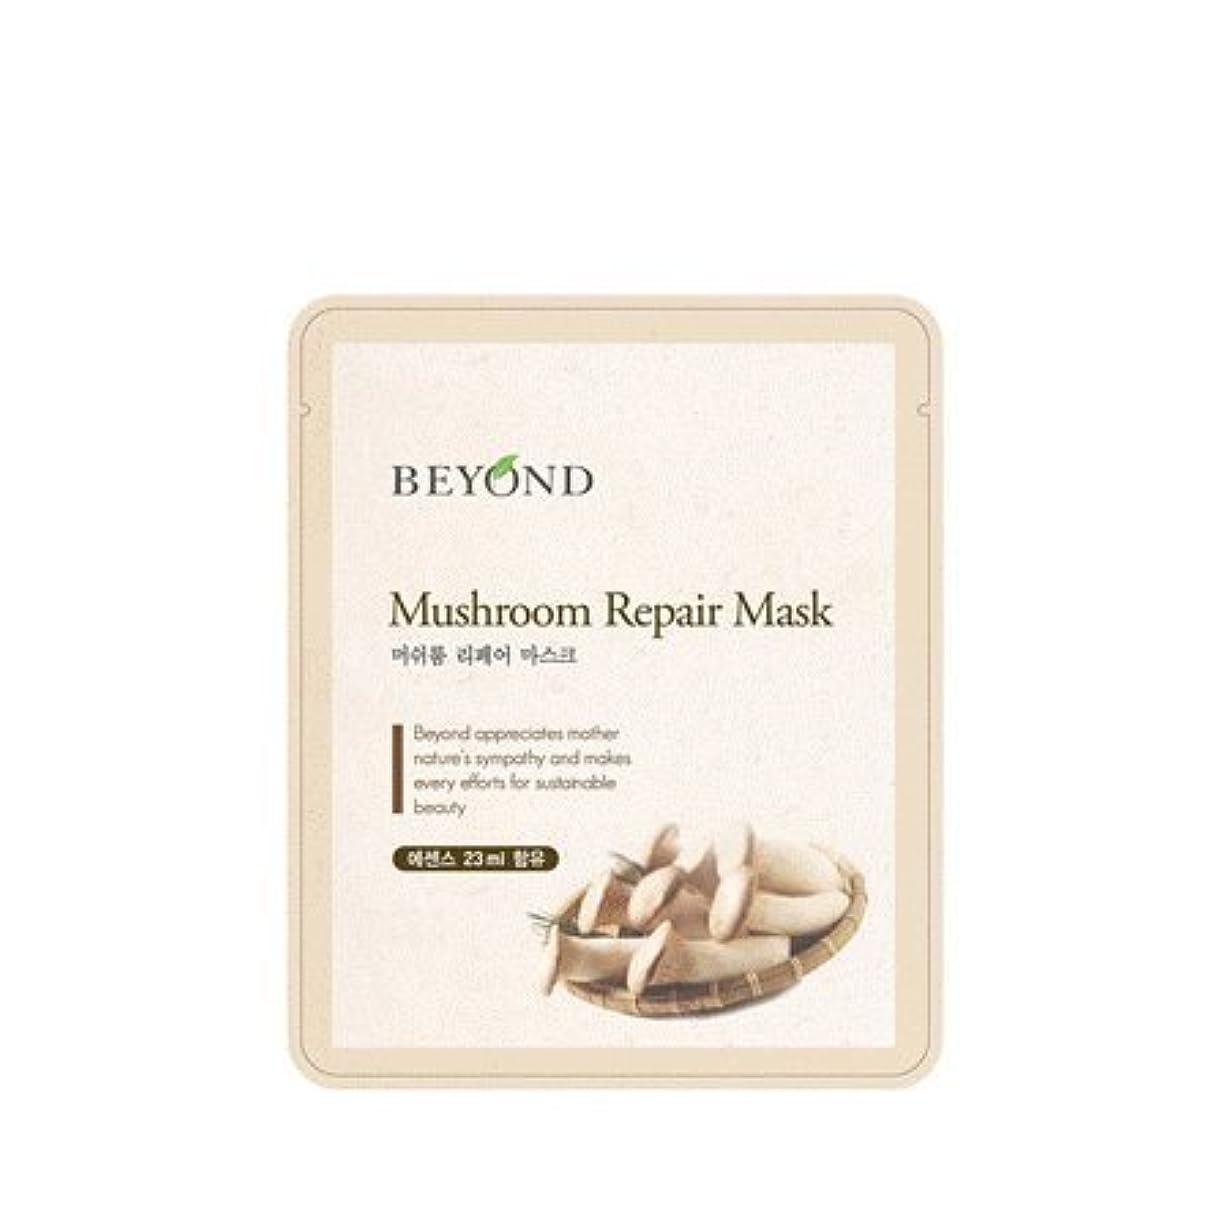 ペルソナ計画プランターBeyond mask sheet 5ea (Mushroom Repair Mask)